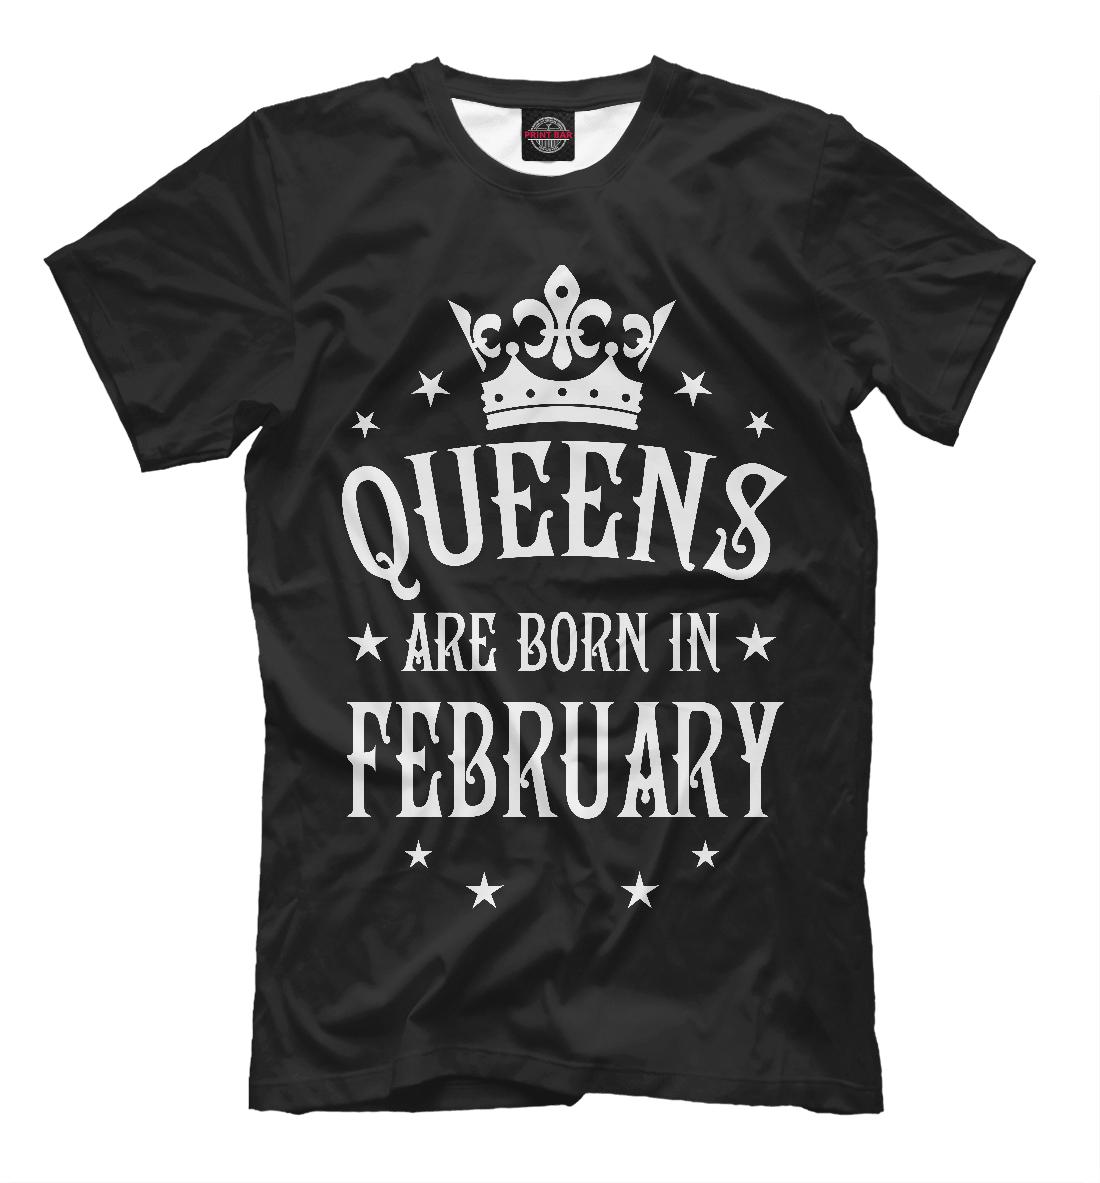 Купить Королевы рождаются в феврале, Printbar, Футболки, DRZ-497726-fut-2